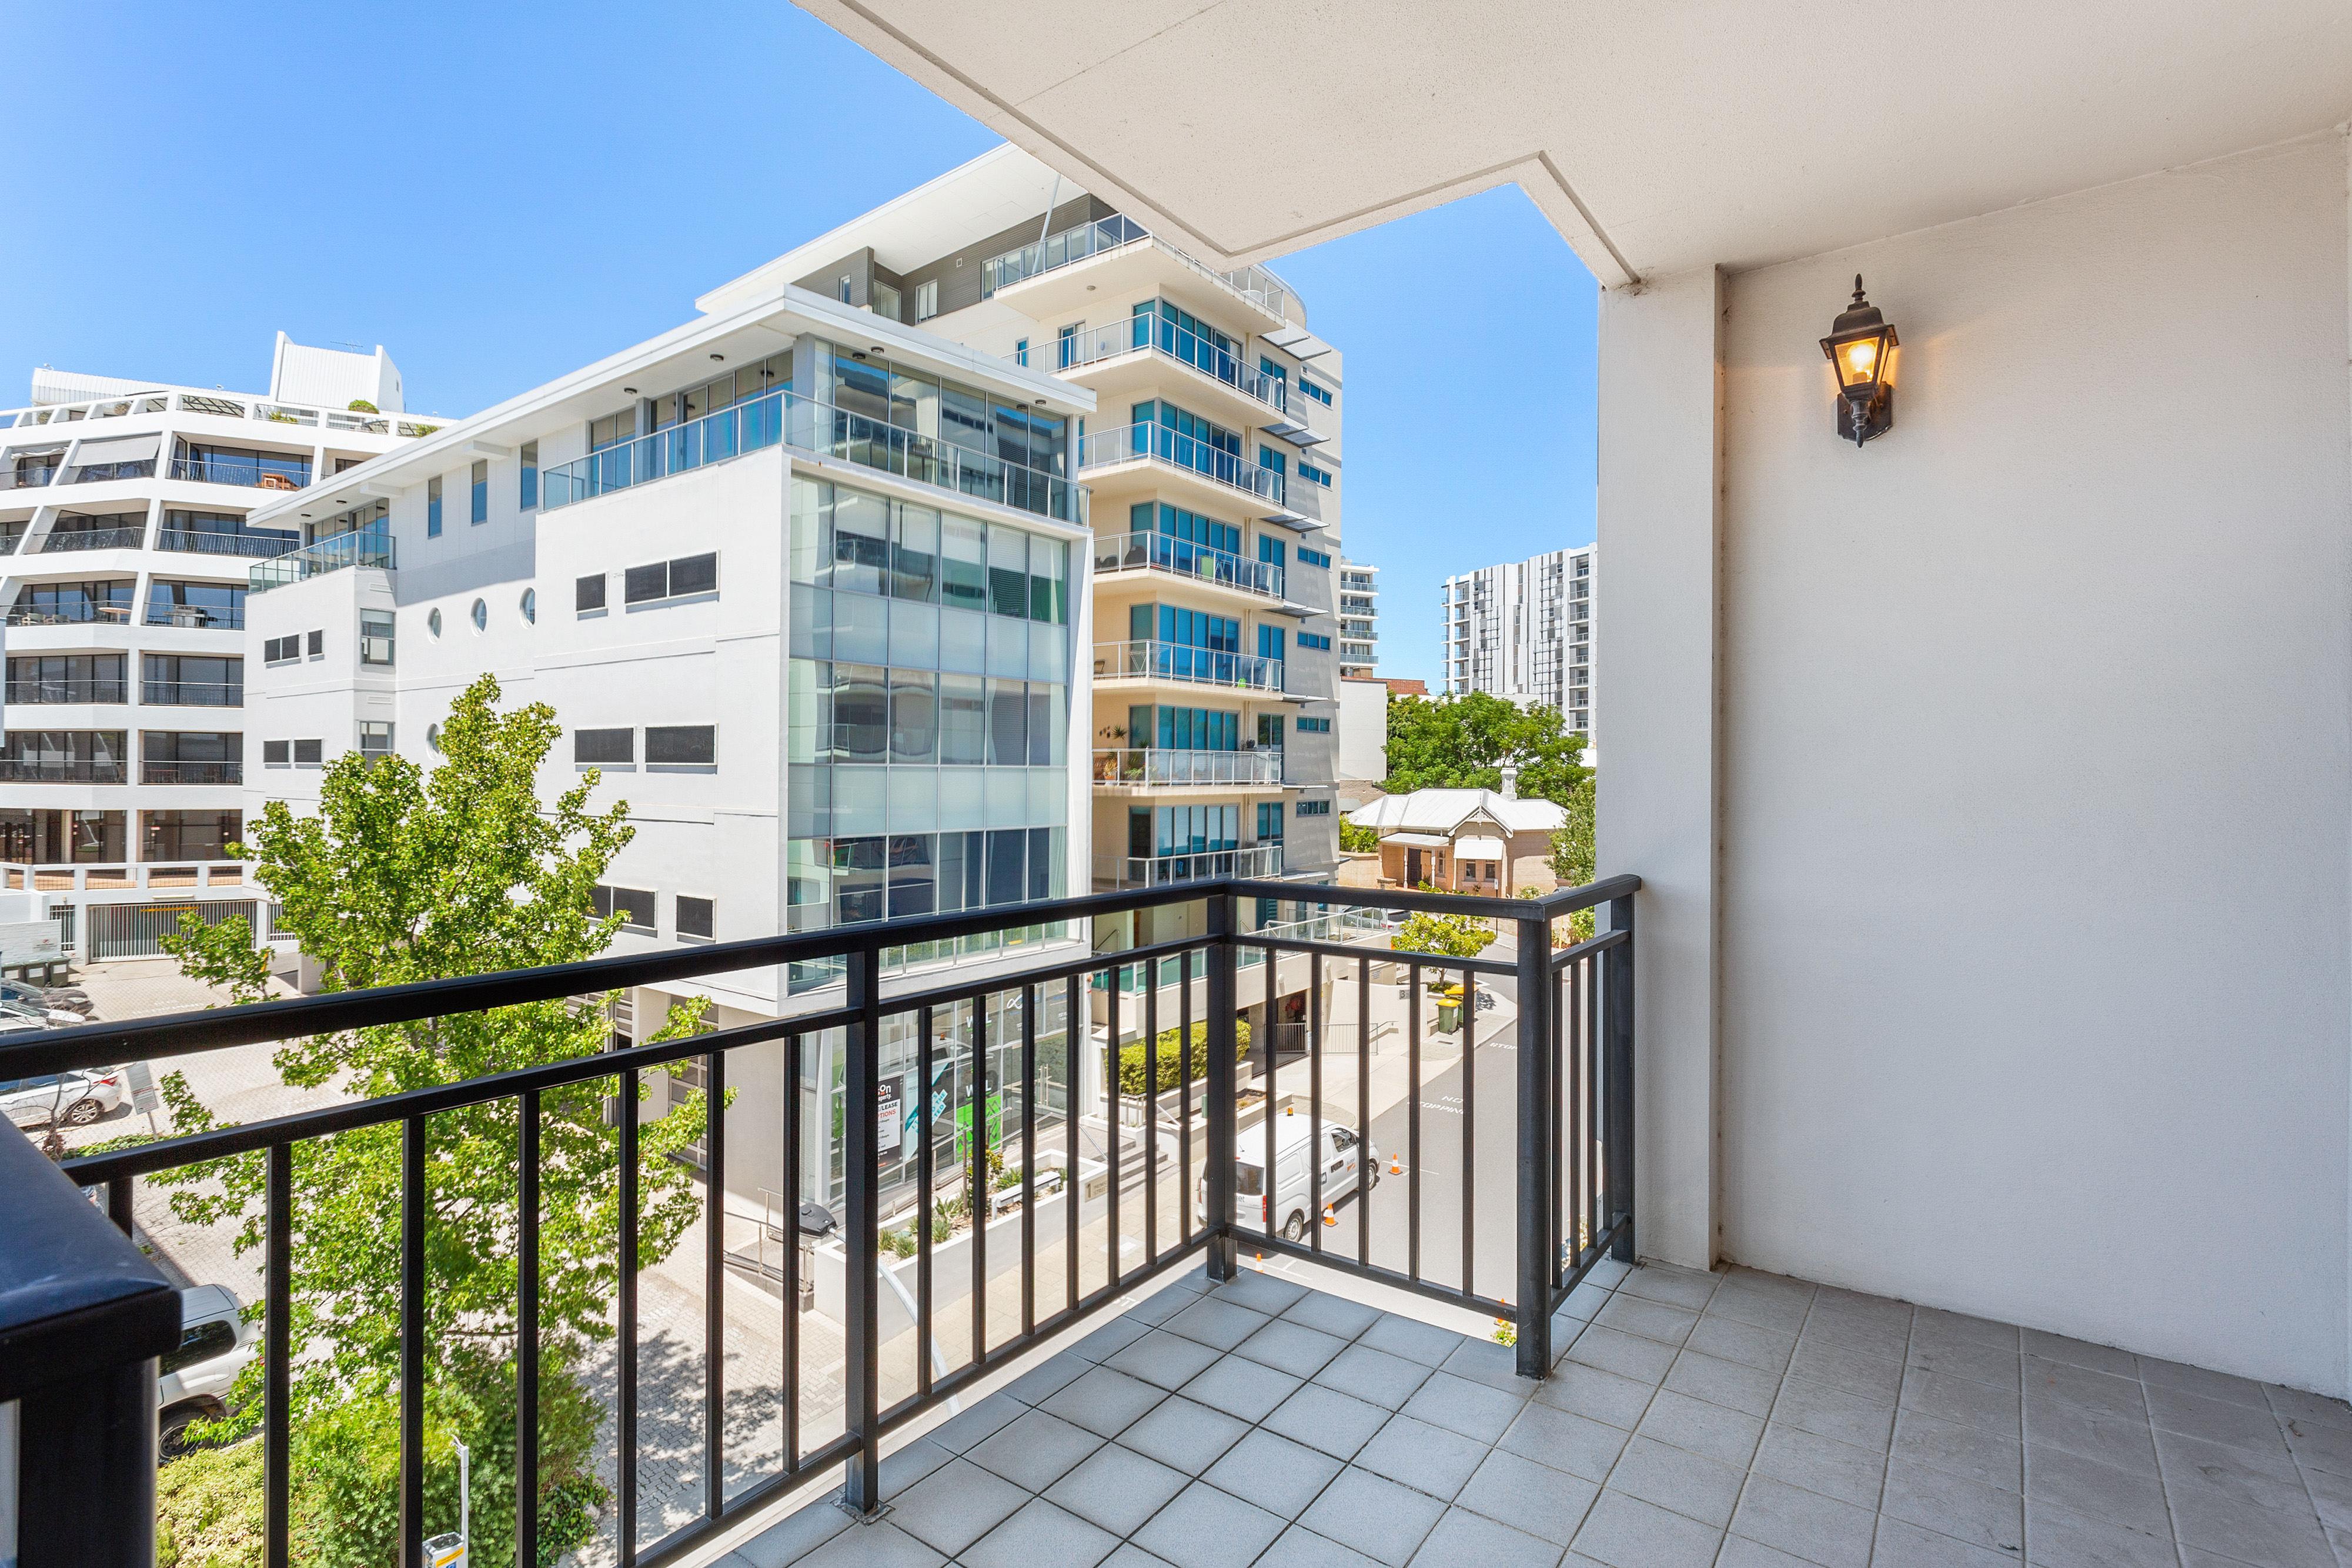 PRINT 9w 161 Colin Street, West Perth 06